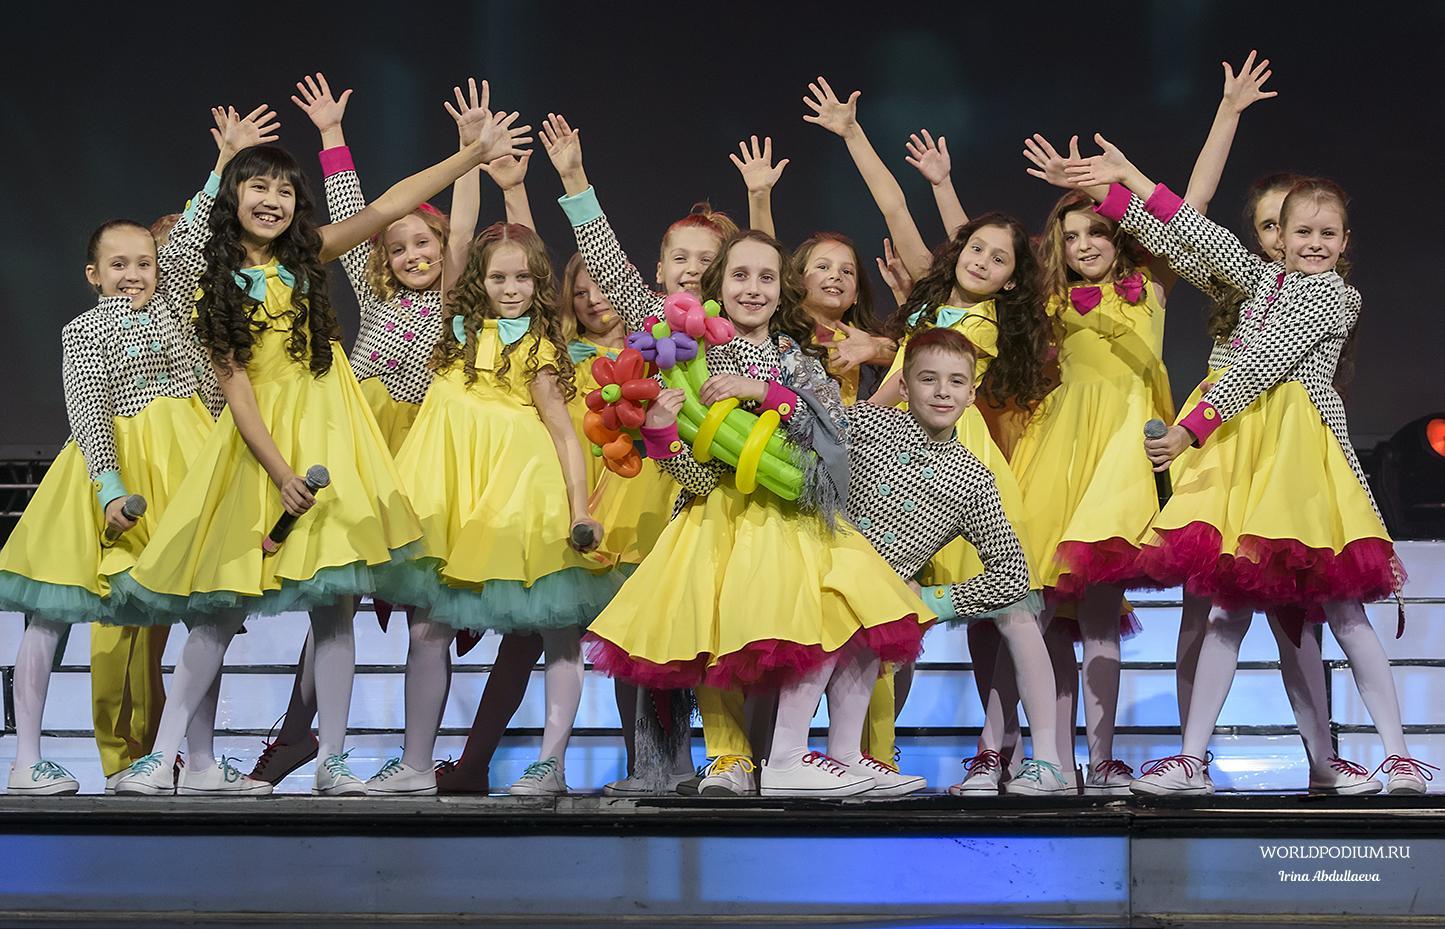 «МамПапСье» театра «Домисолька»: «Вместе весело шагать по просторам!»